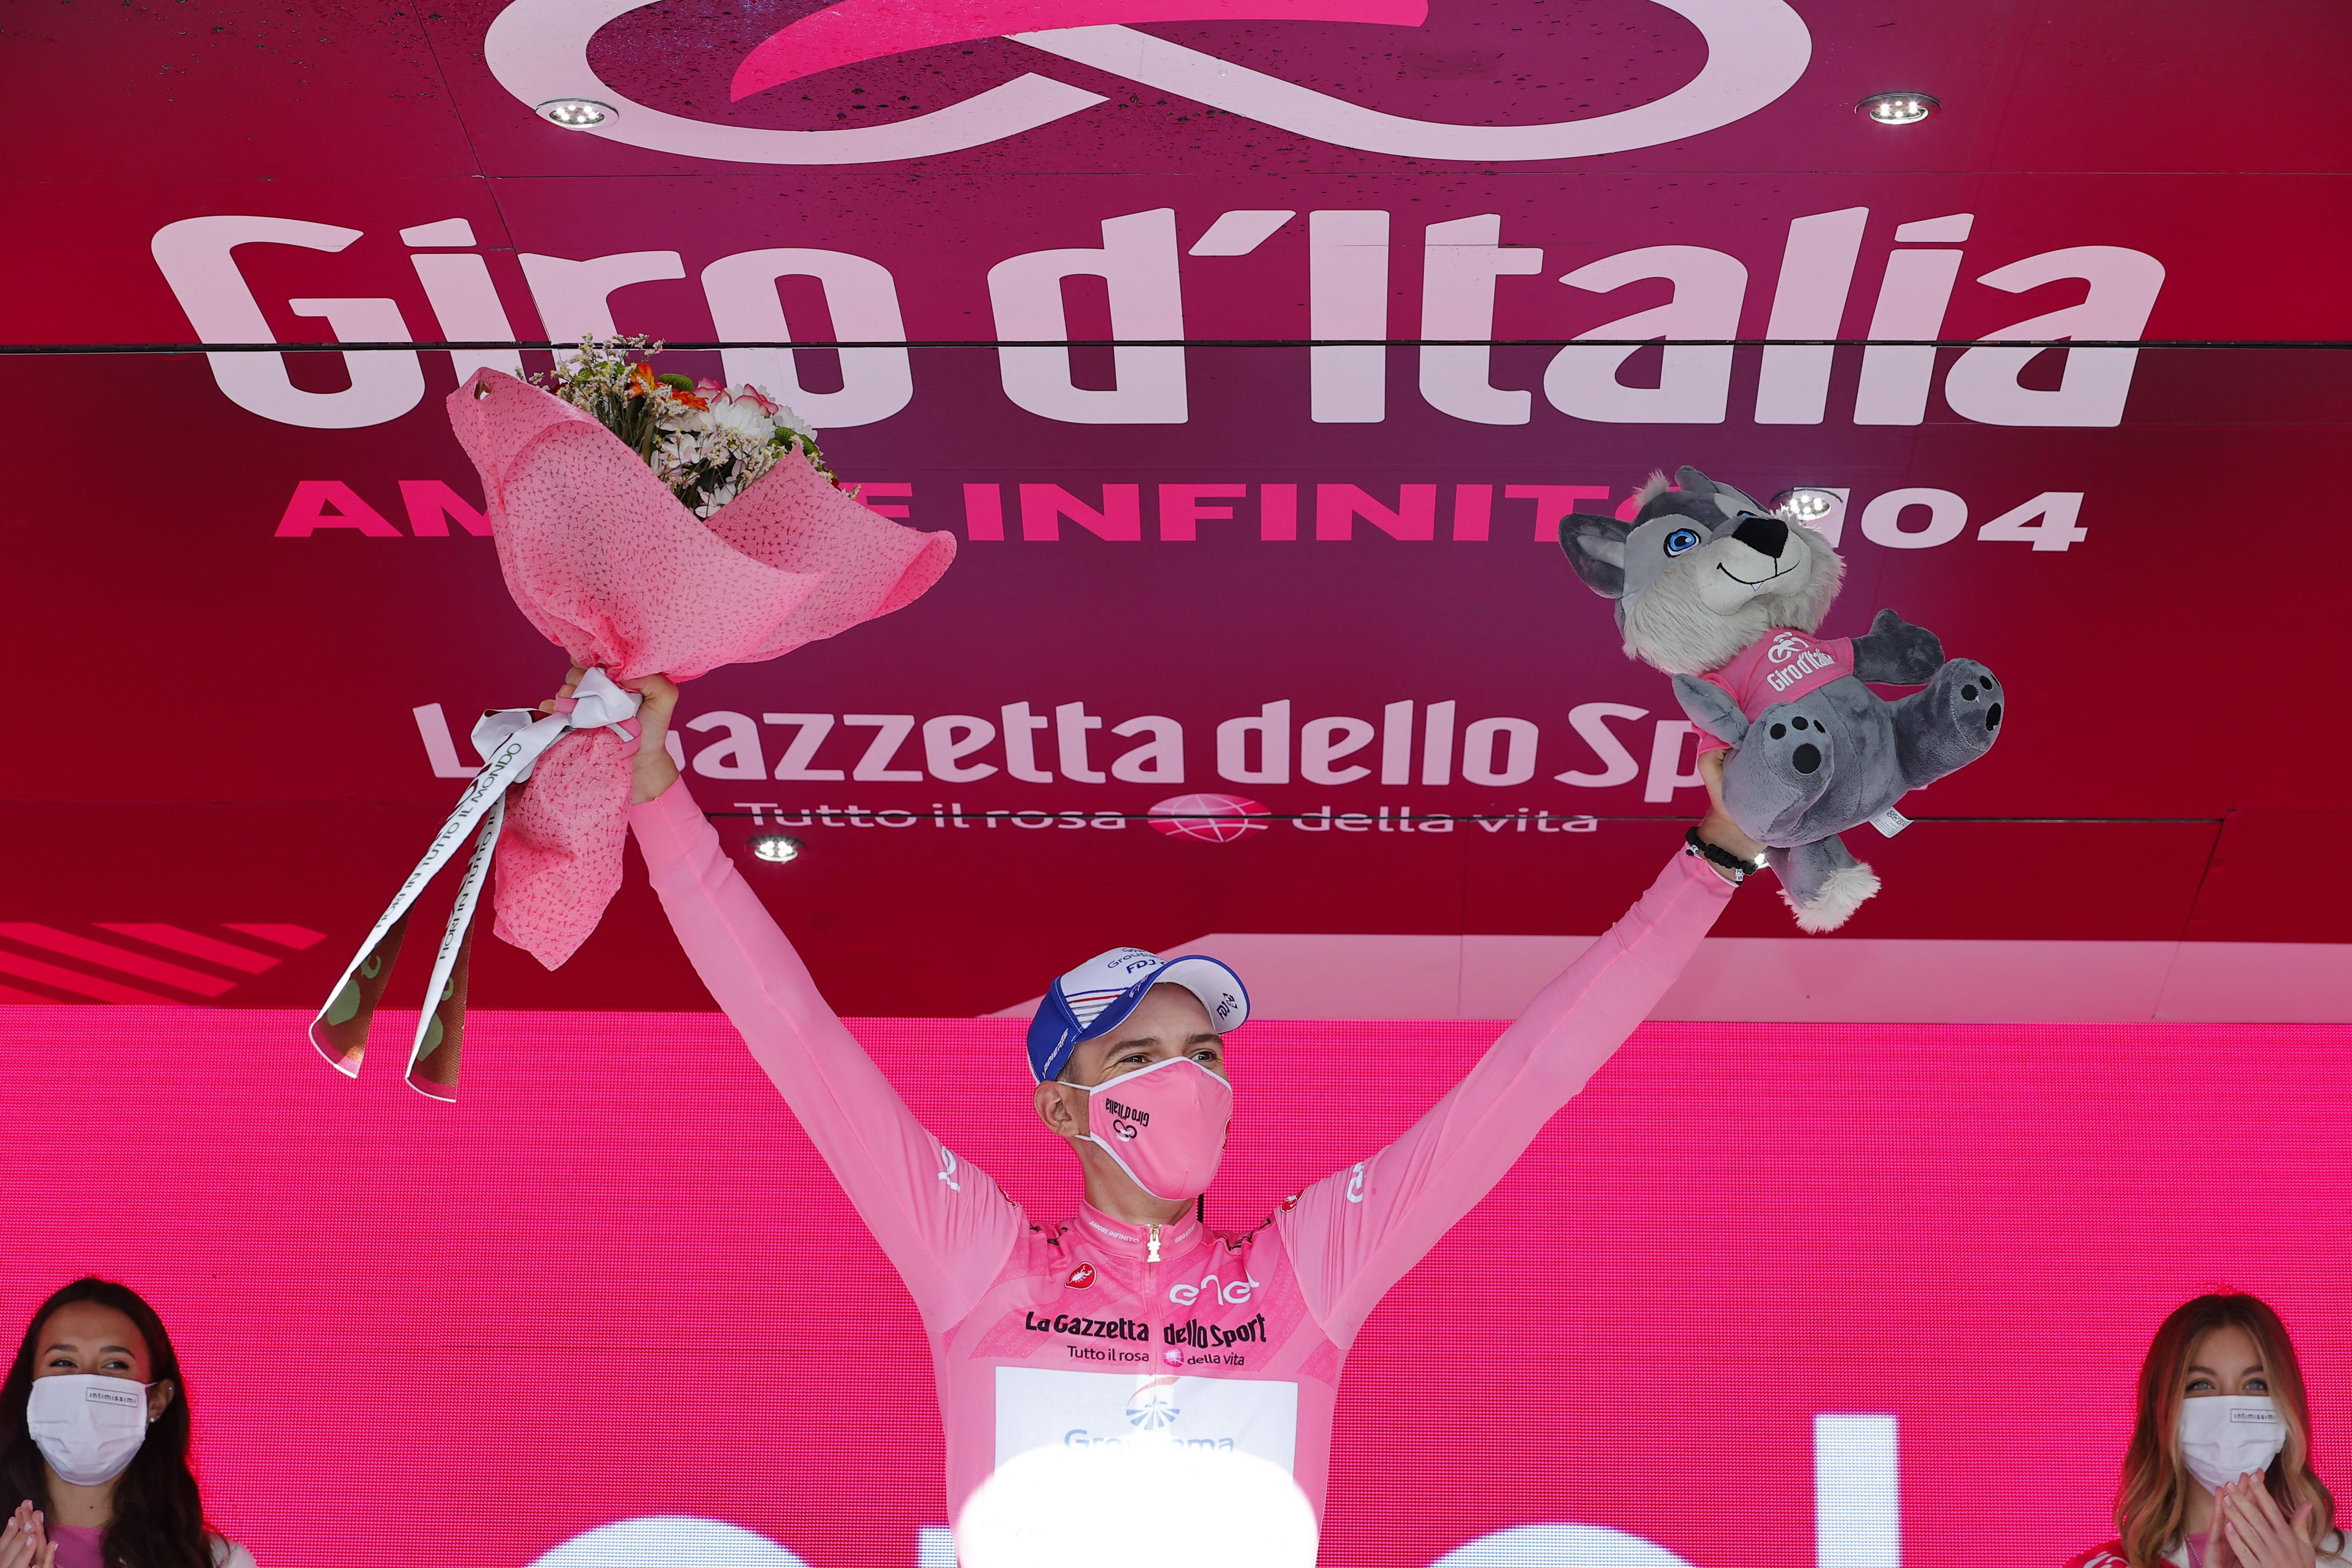 Valter Attila megszerezte a rózsaszín trikót, vezet a Giro d'Italián